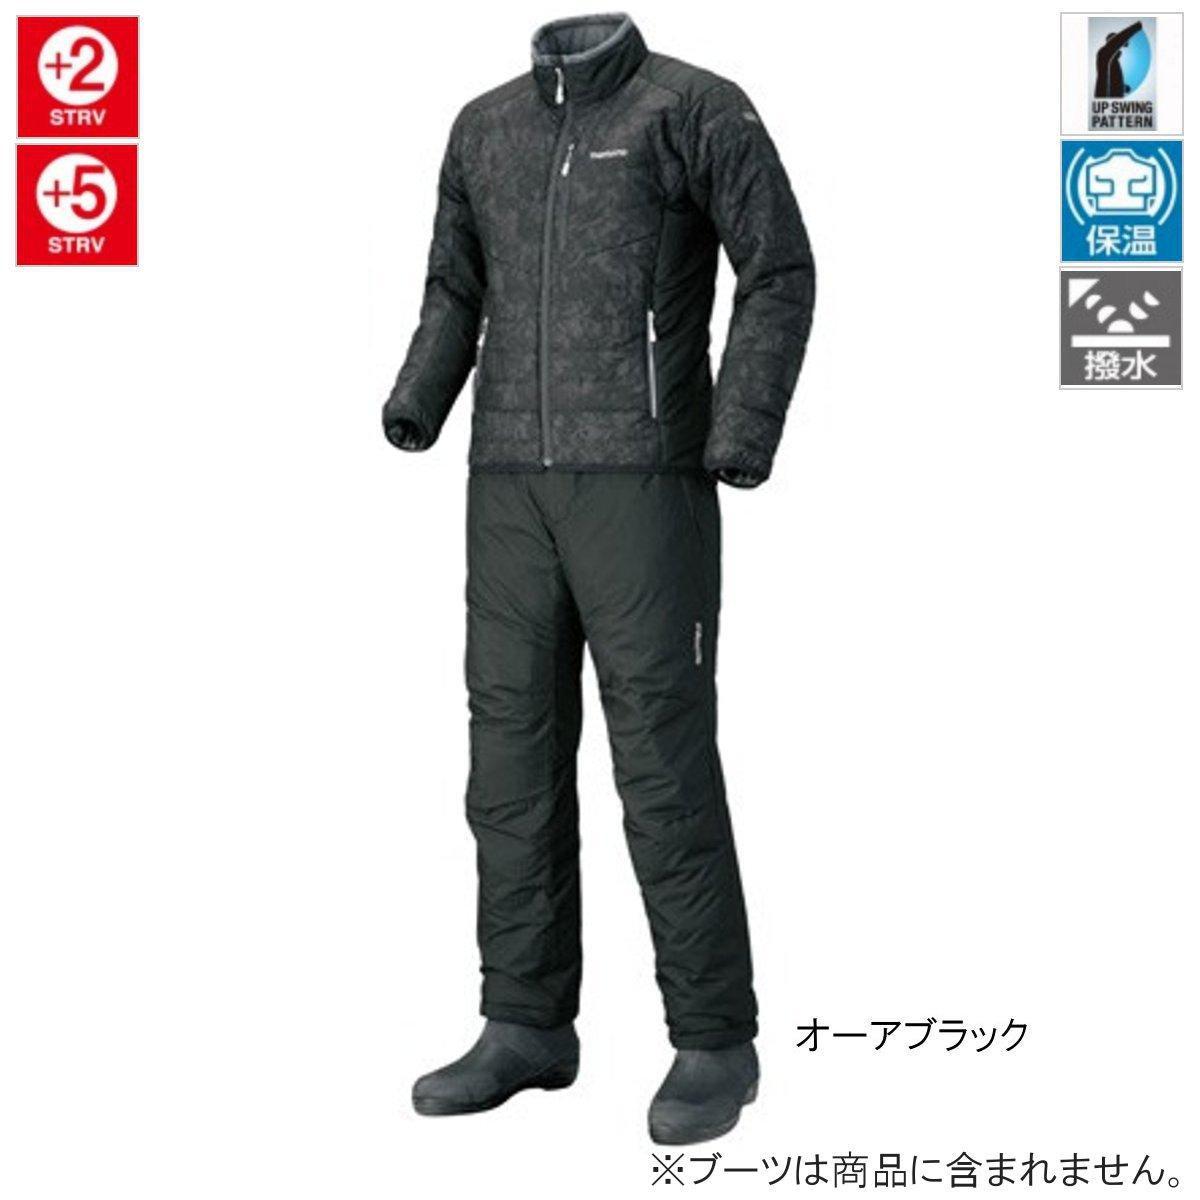 シマノ ベーシック インシュレーション スーツ MD-055Q L オーアブラック(東日本店)